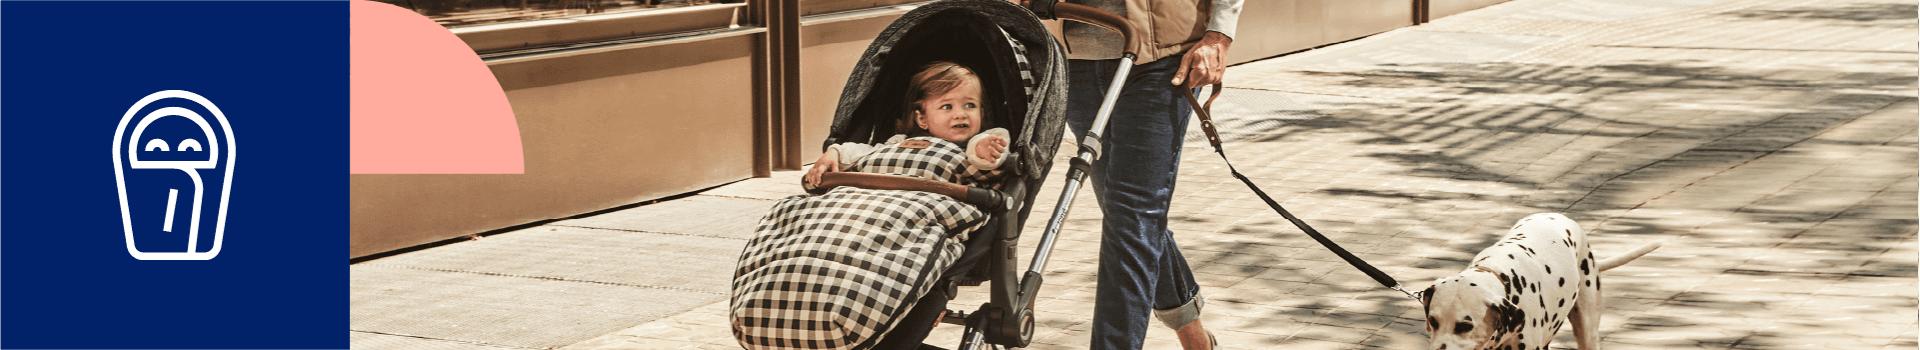 Accessoires Poussettes Jané | Tout pour la poussette de bébé